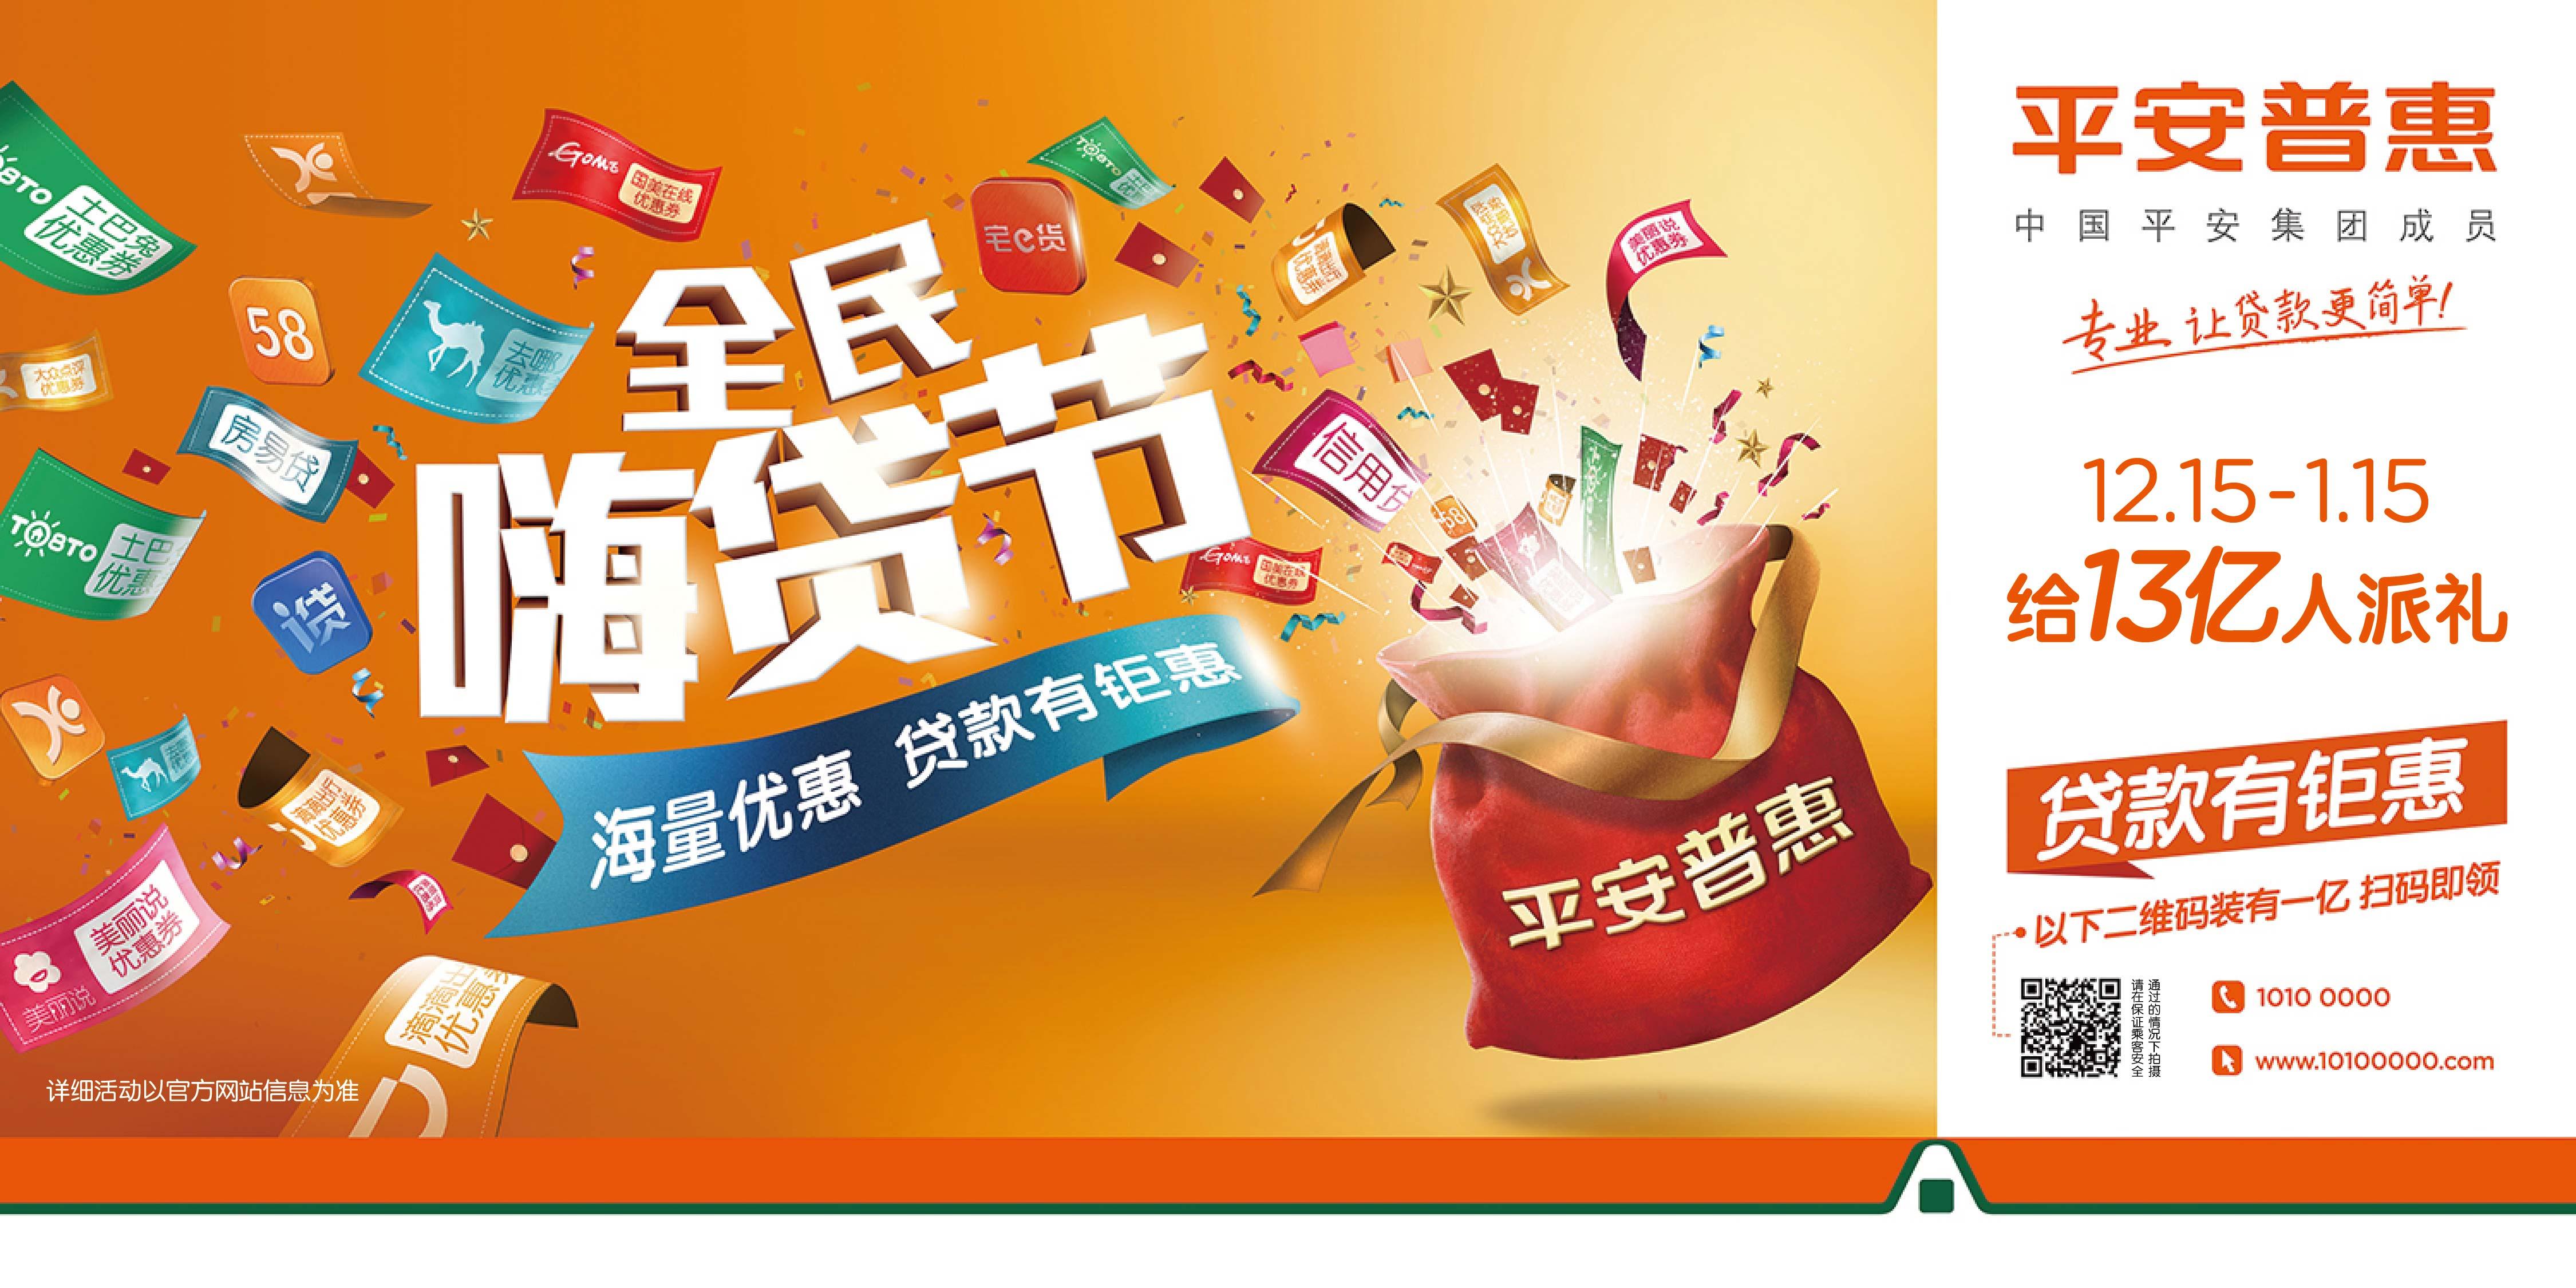 平安普惠宣传图片高清